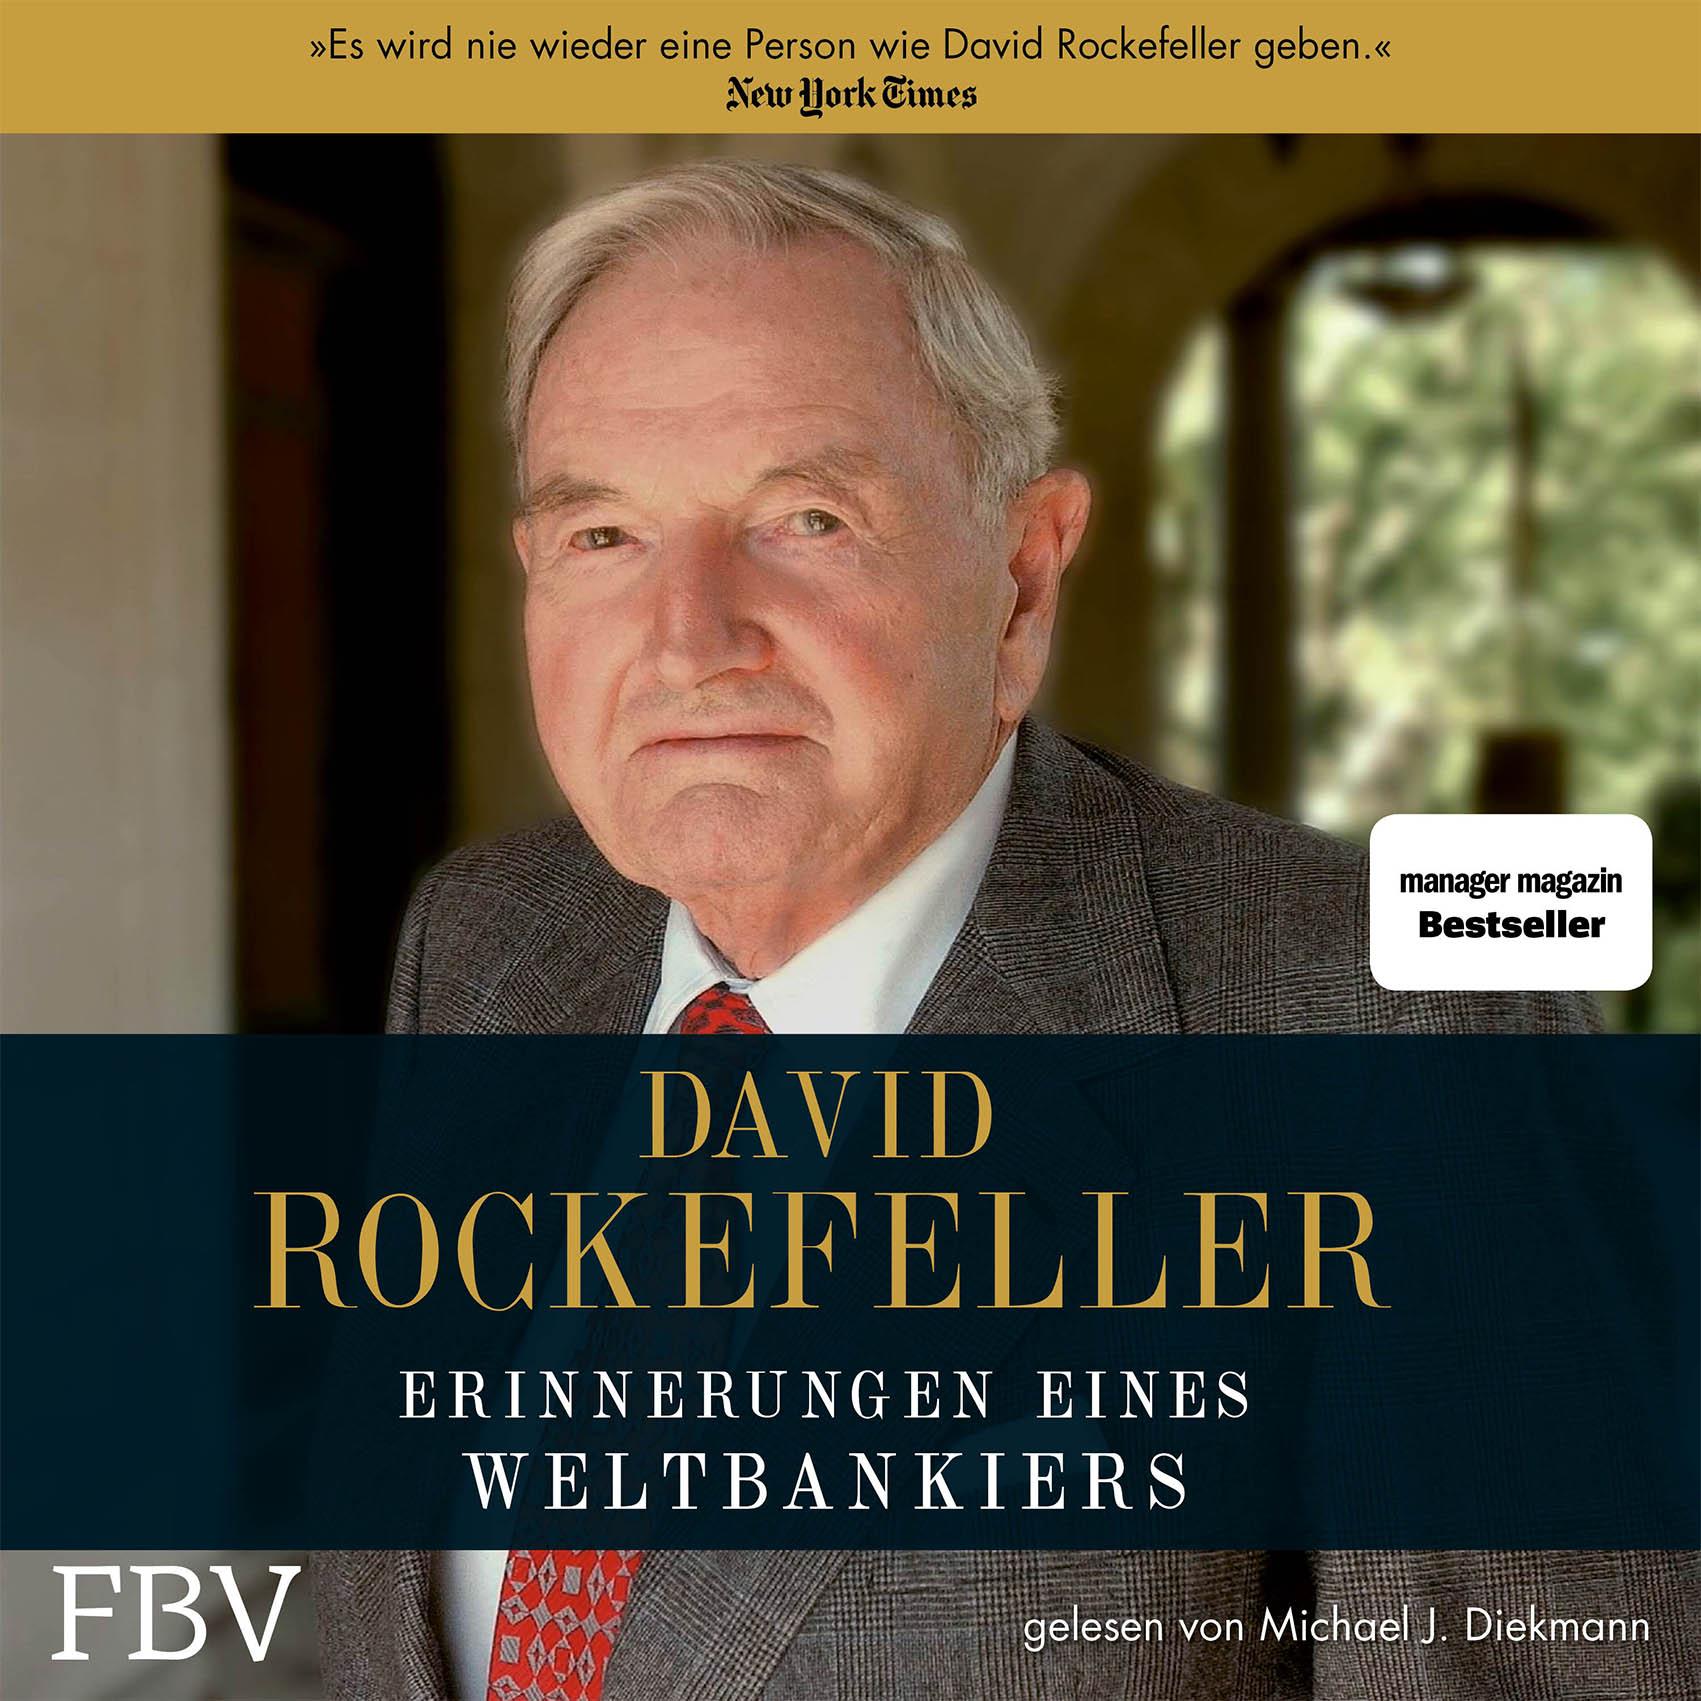 David Rockefeller: Erinnerungen eines Weltbankiers